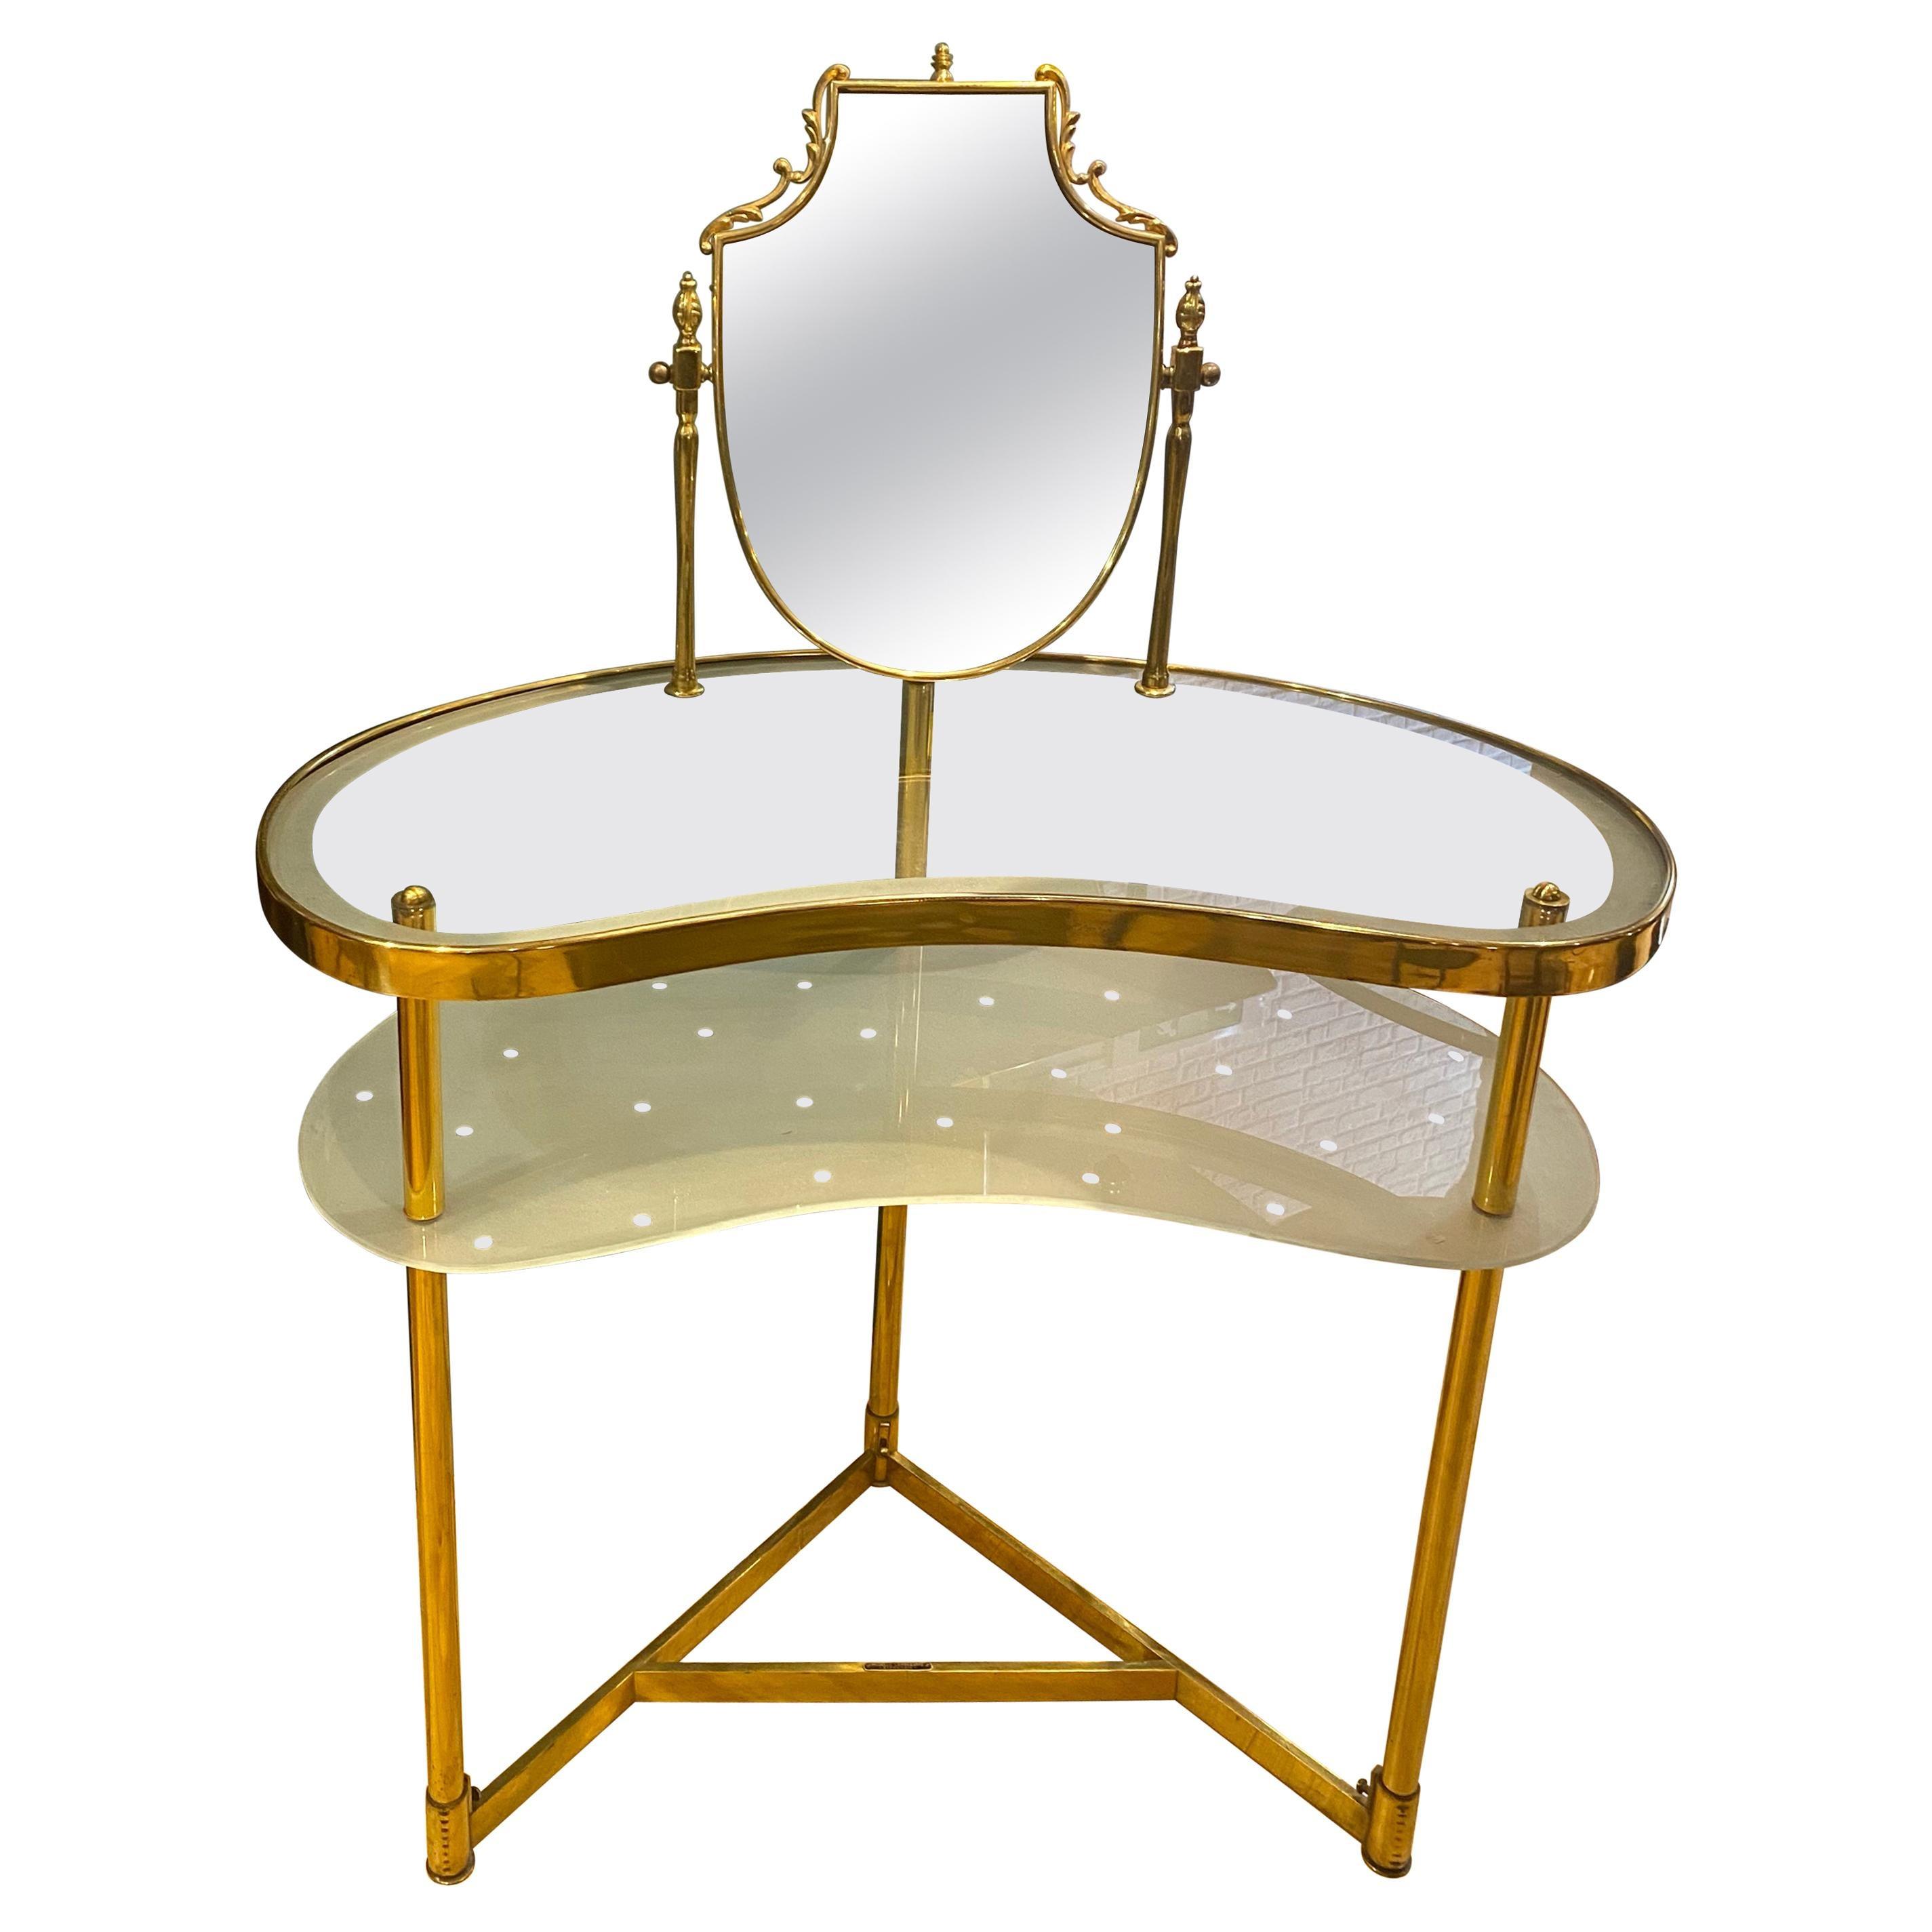 Mid-Century 1950s Italian Curved Vanity Table